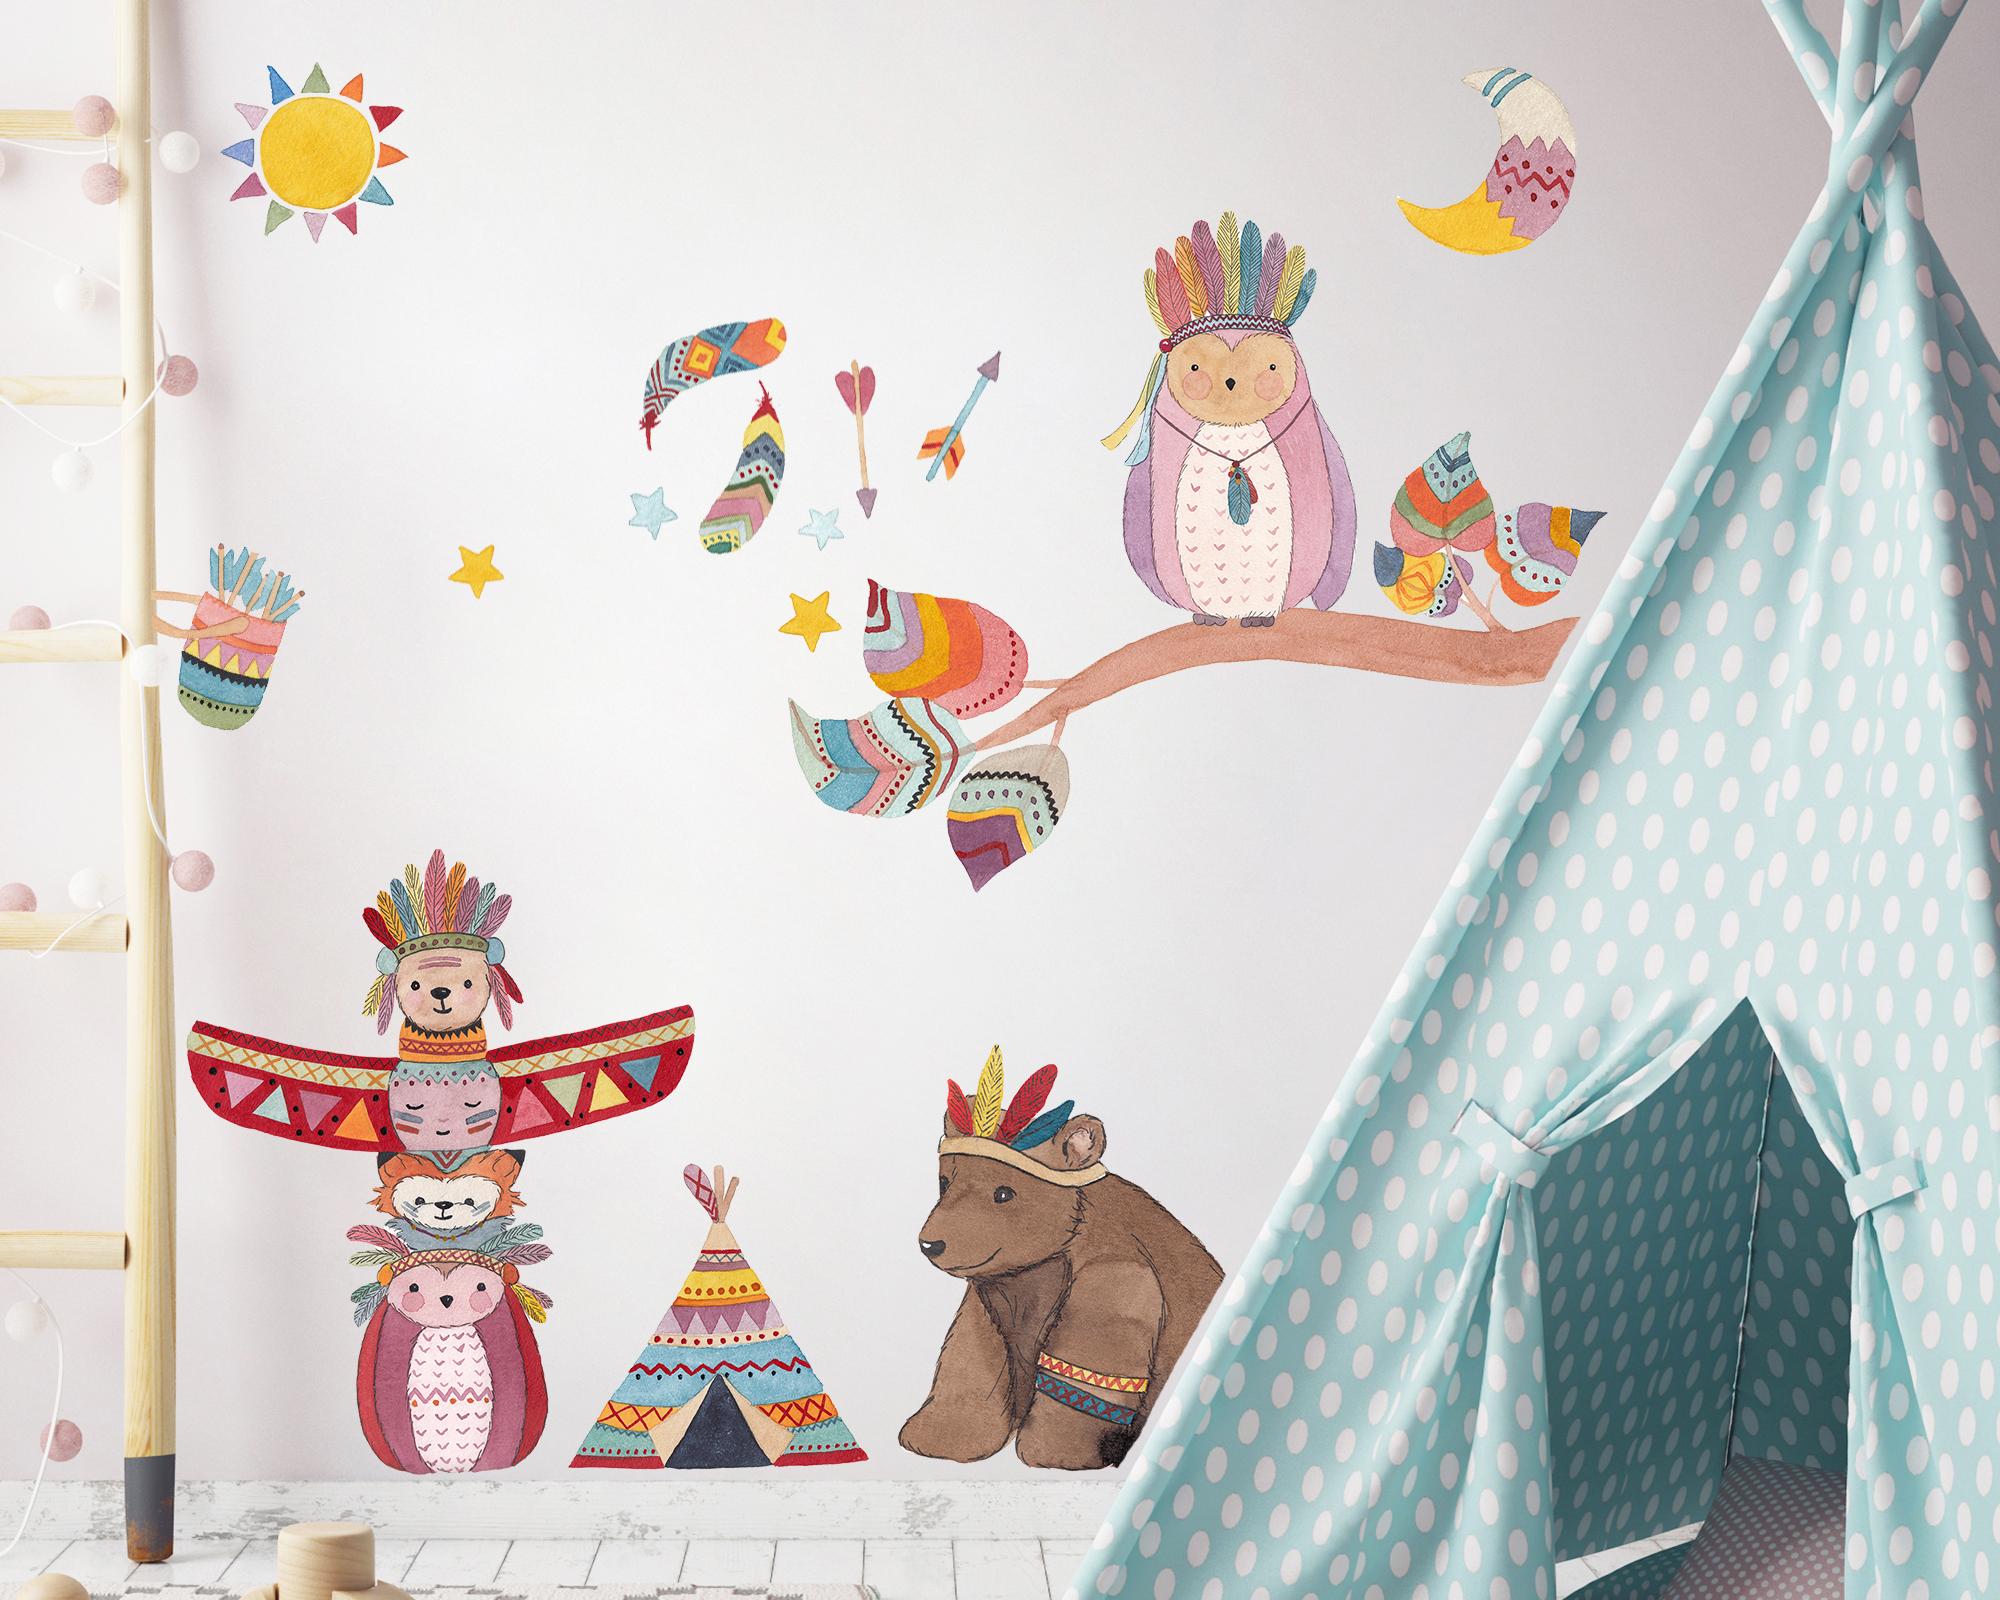 Full Size of Wandtattoo Indianer Tierische Kinderzimmer Dekoration Regal Sofa Wandtatoo Küche Regale Weiß Kinderzimmer Wandtatoo Kinderzimmer